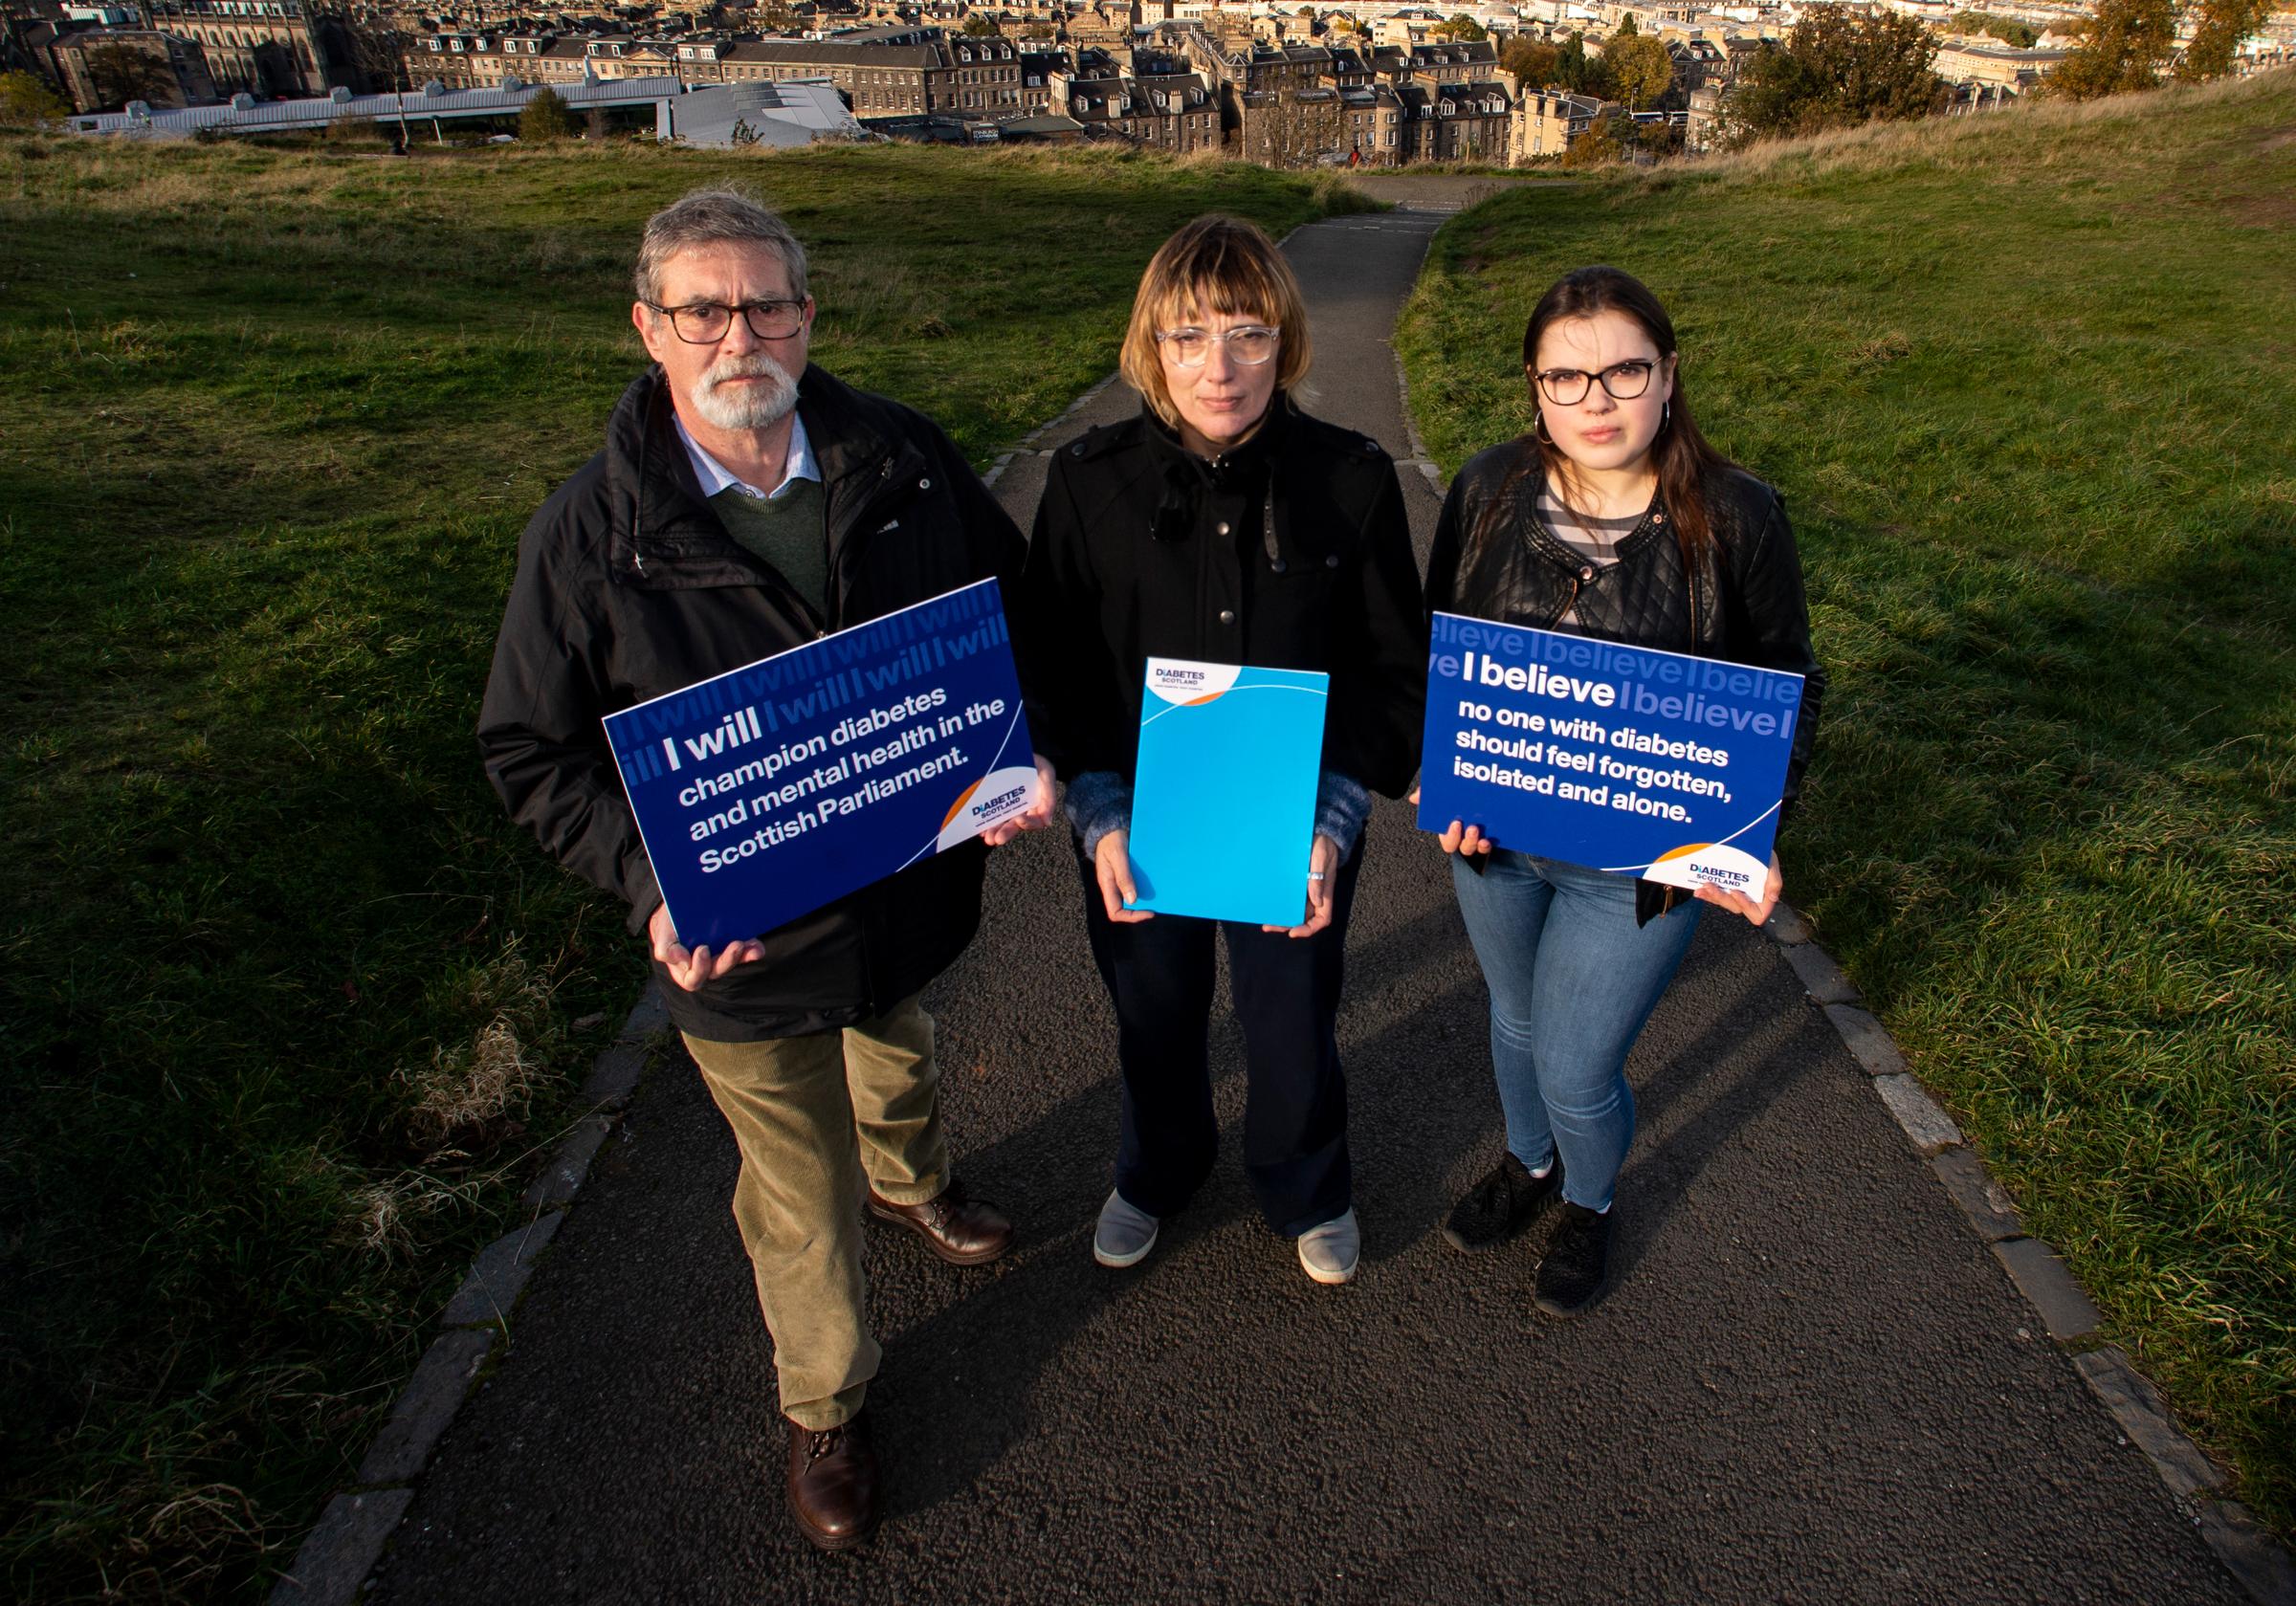 Diabetes Scotland It's Missing campaign action